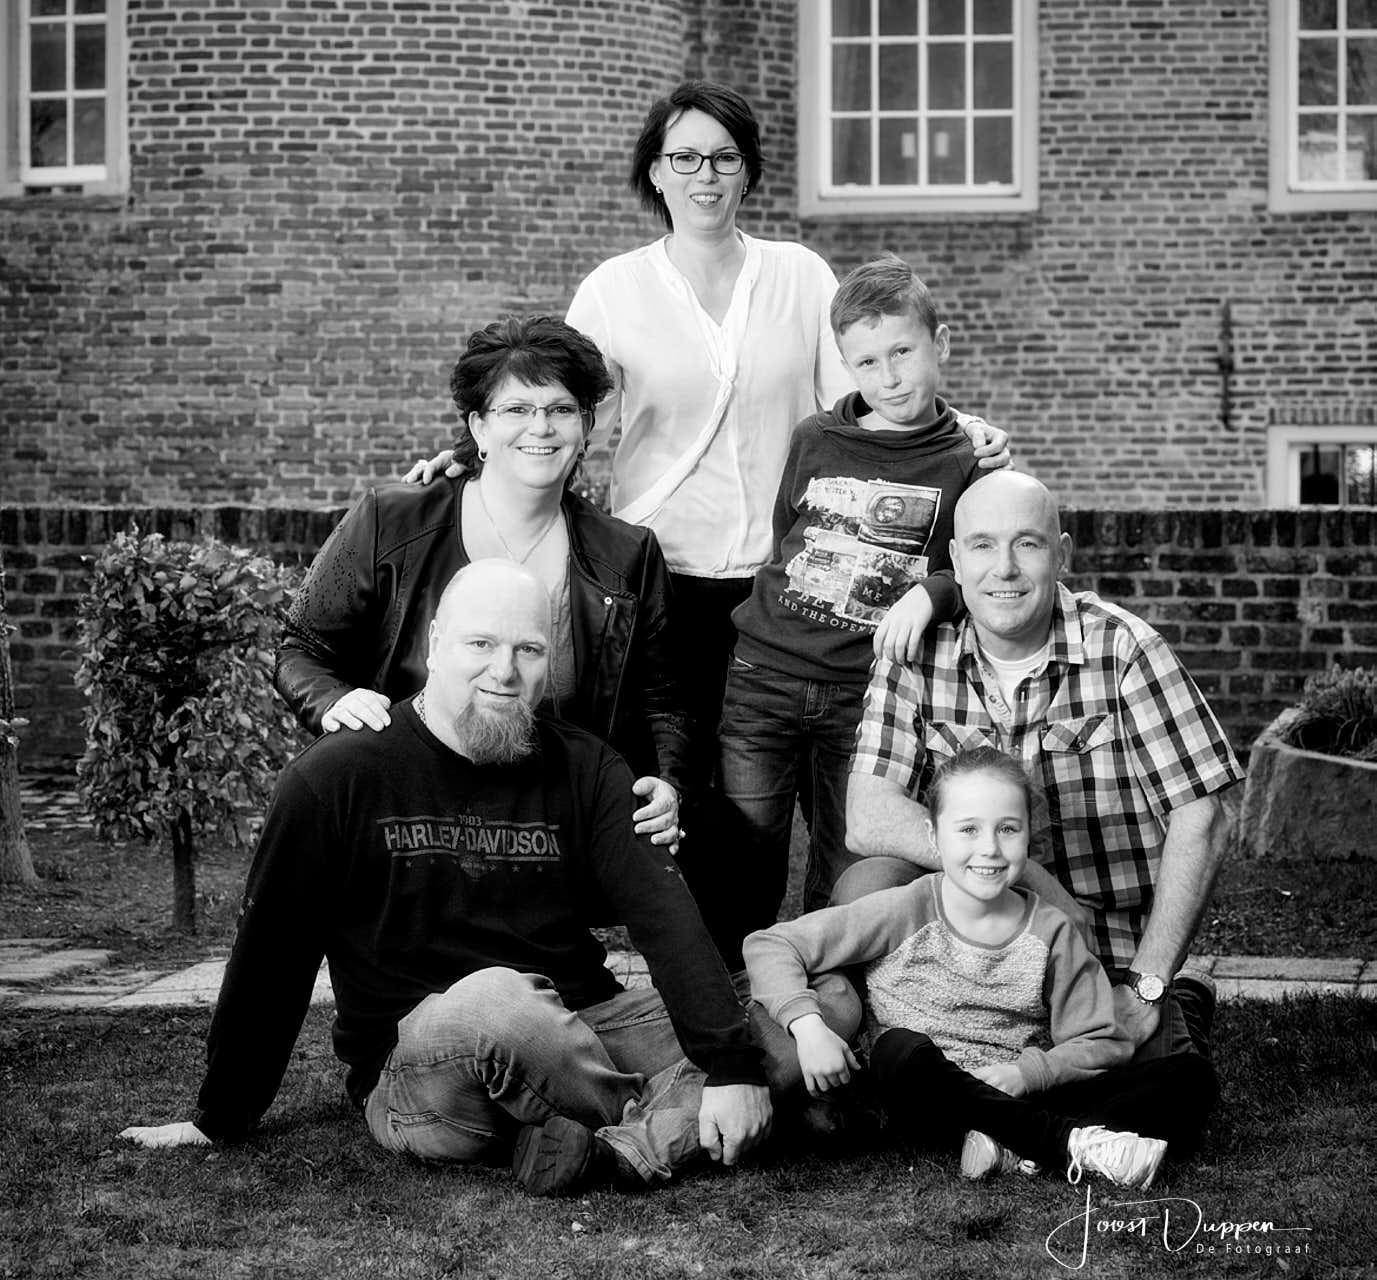 Portretfotografie Joost Duppen Beroepsfotograaf